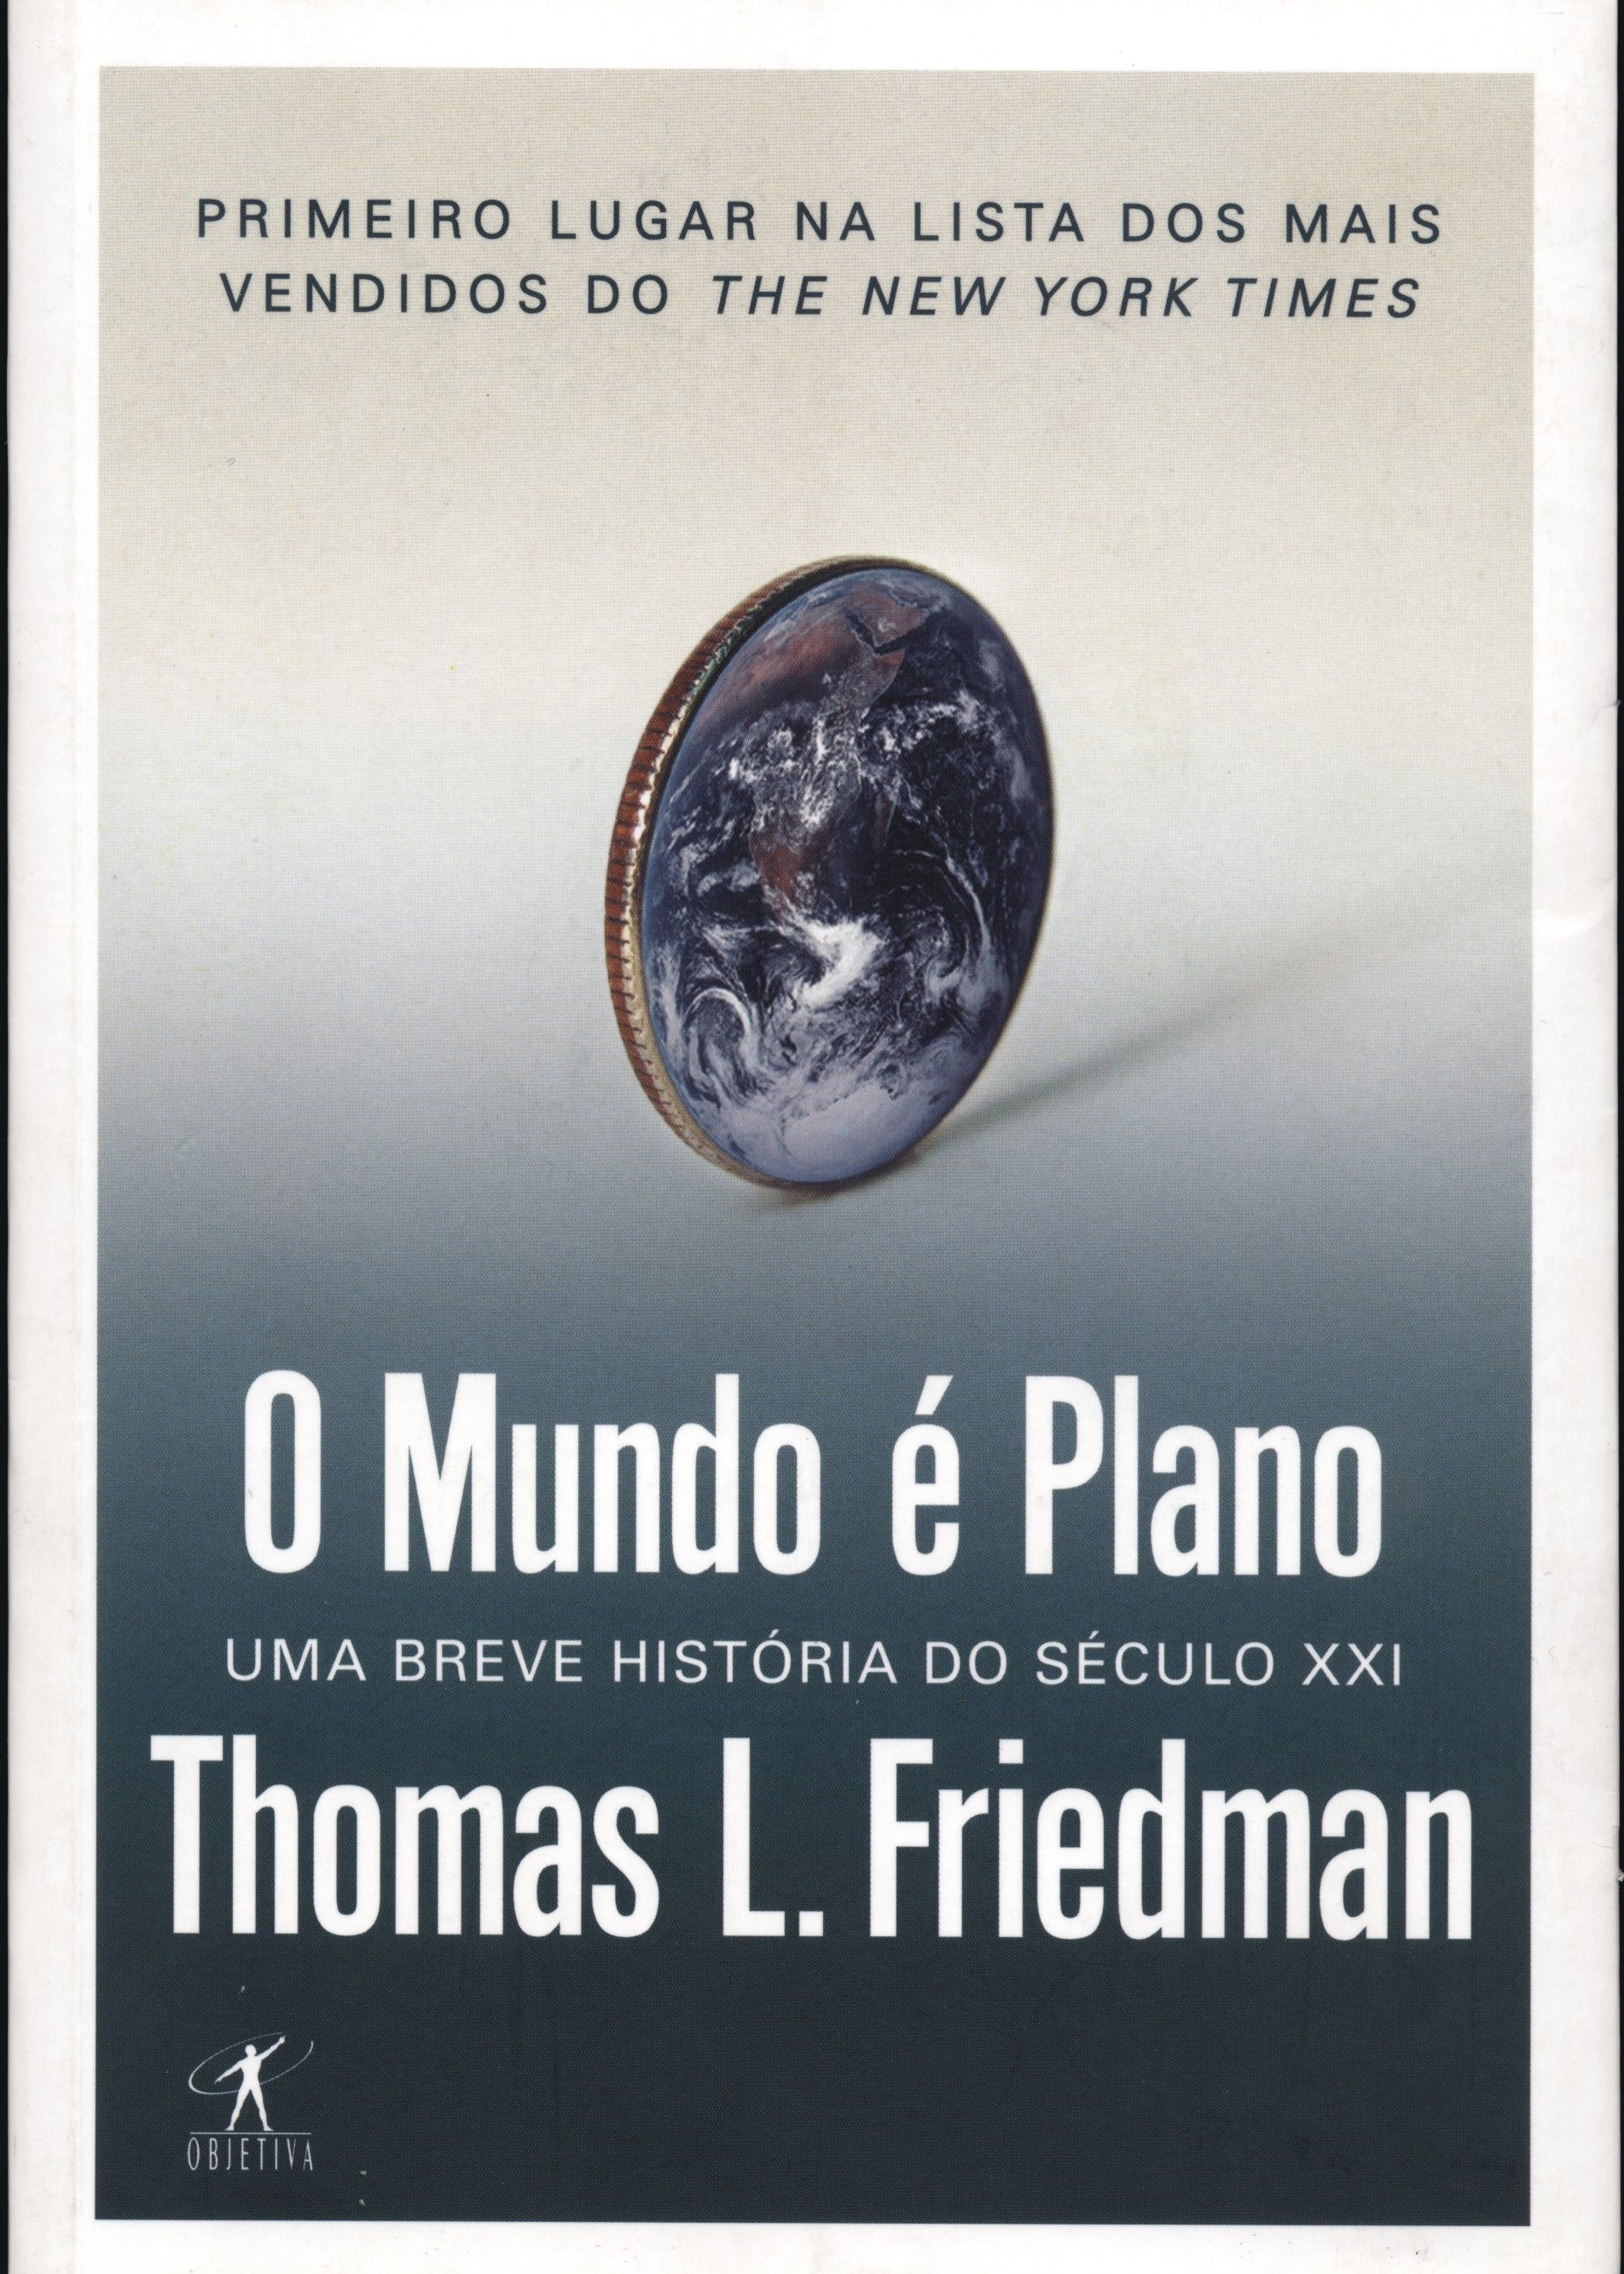 O mundo é plano-esta leitura foi intrigante e complexa!